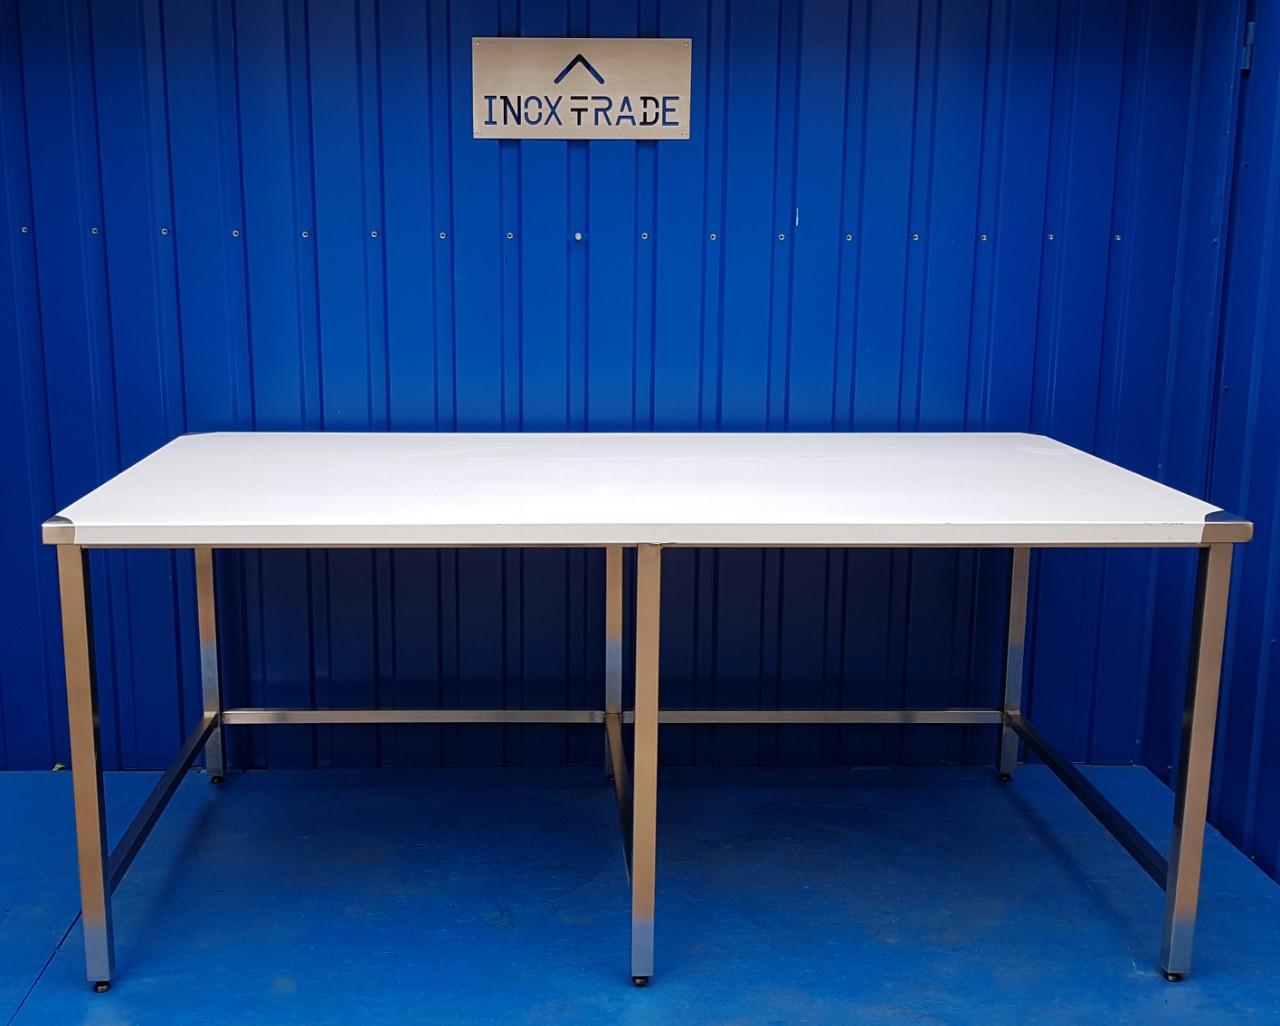 Стол производственный нейтральный 1900мм x 600мм x 850мм - фотография